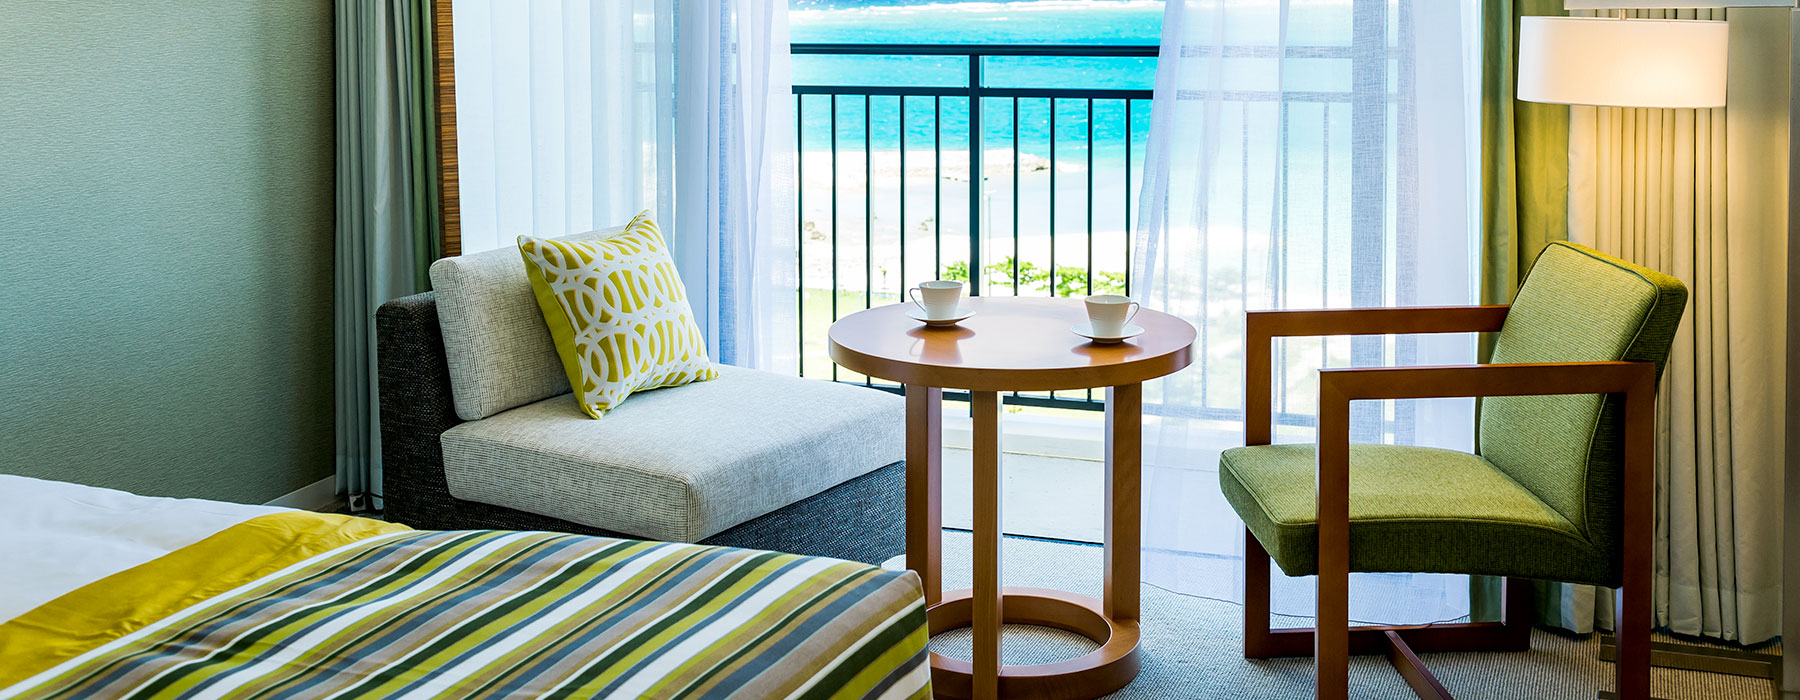 画像:サザンビーチホテル&リゾート